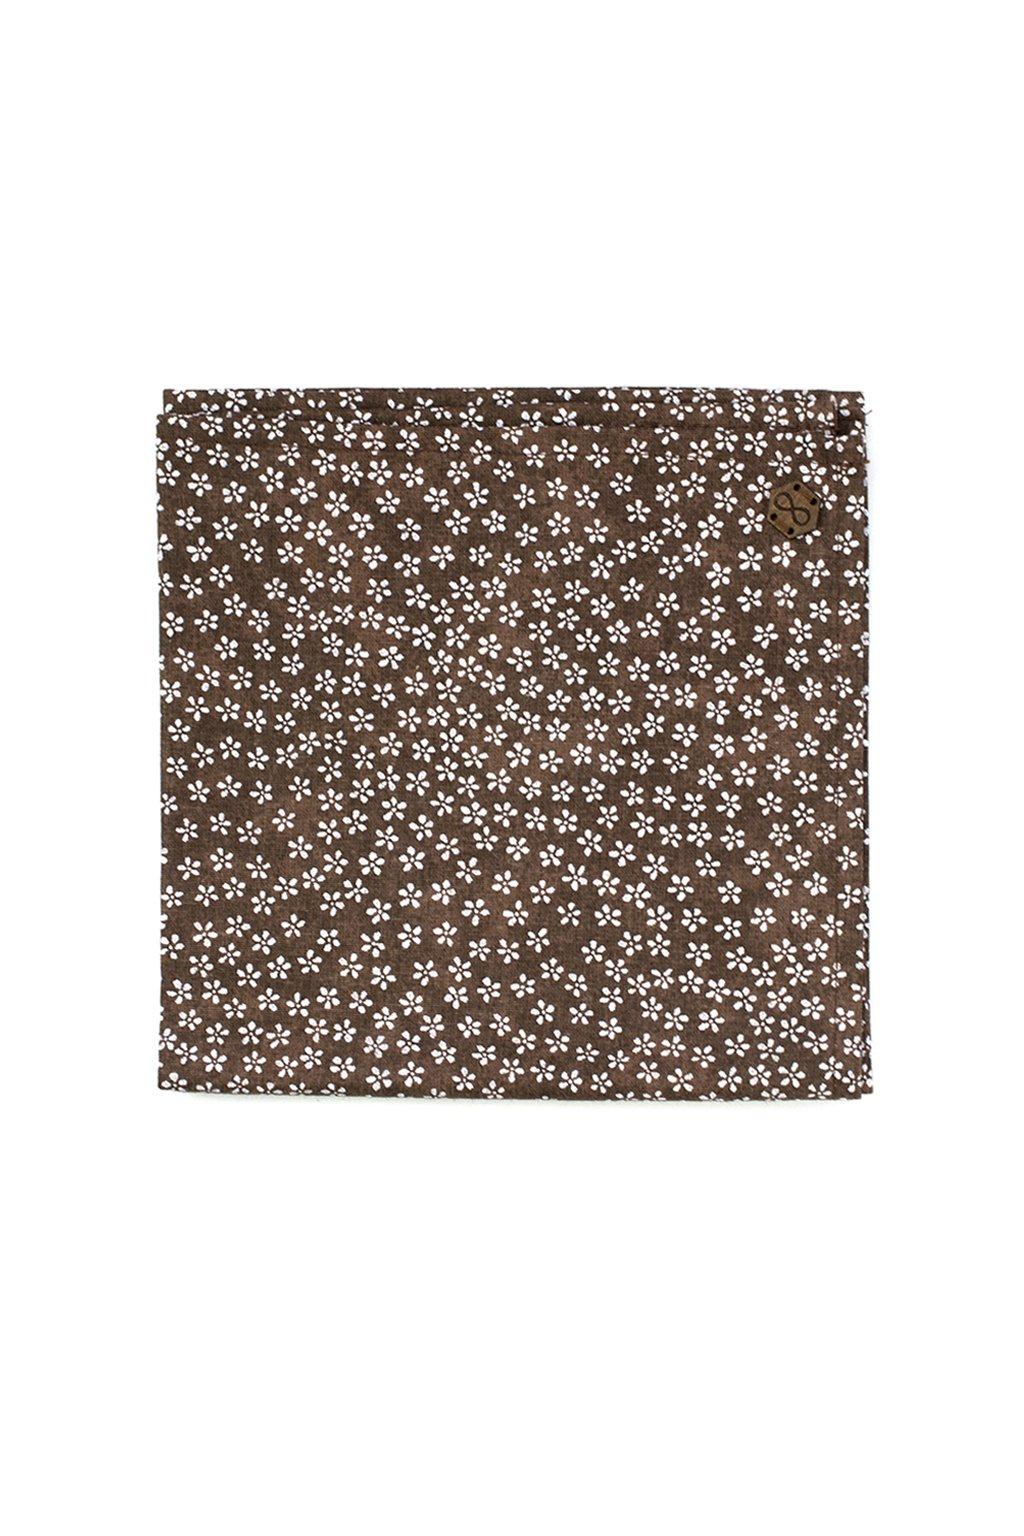 Pánský hnědý květovaný kapesníček Blossom | JAA∞TY